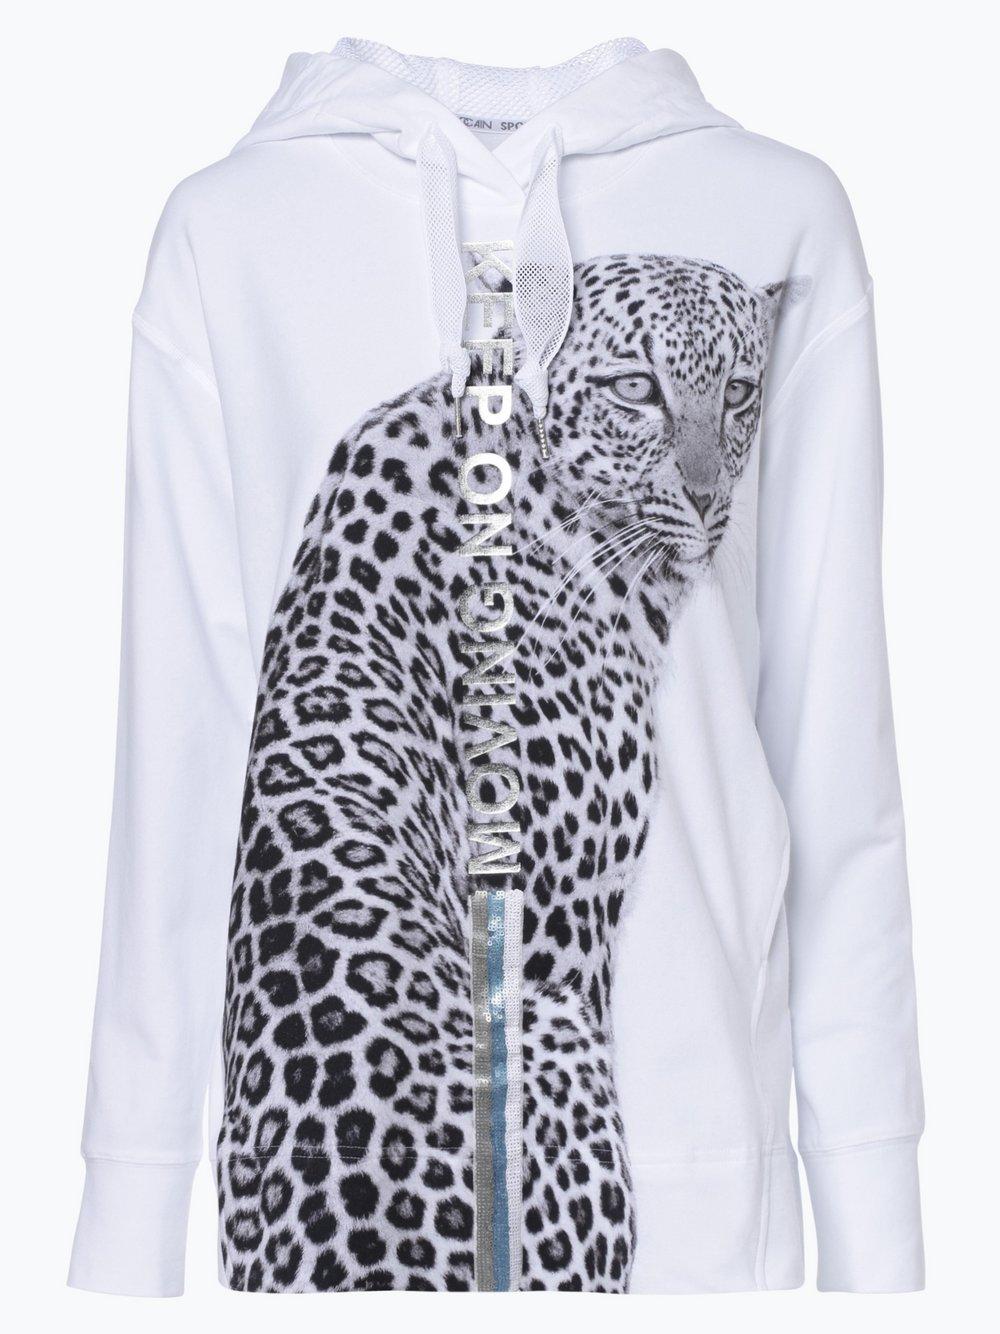 fab81793a6f8 Marc Cain Sports Damen Sweatshirt  2  online kaufen   PEEK-UND ...